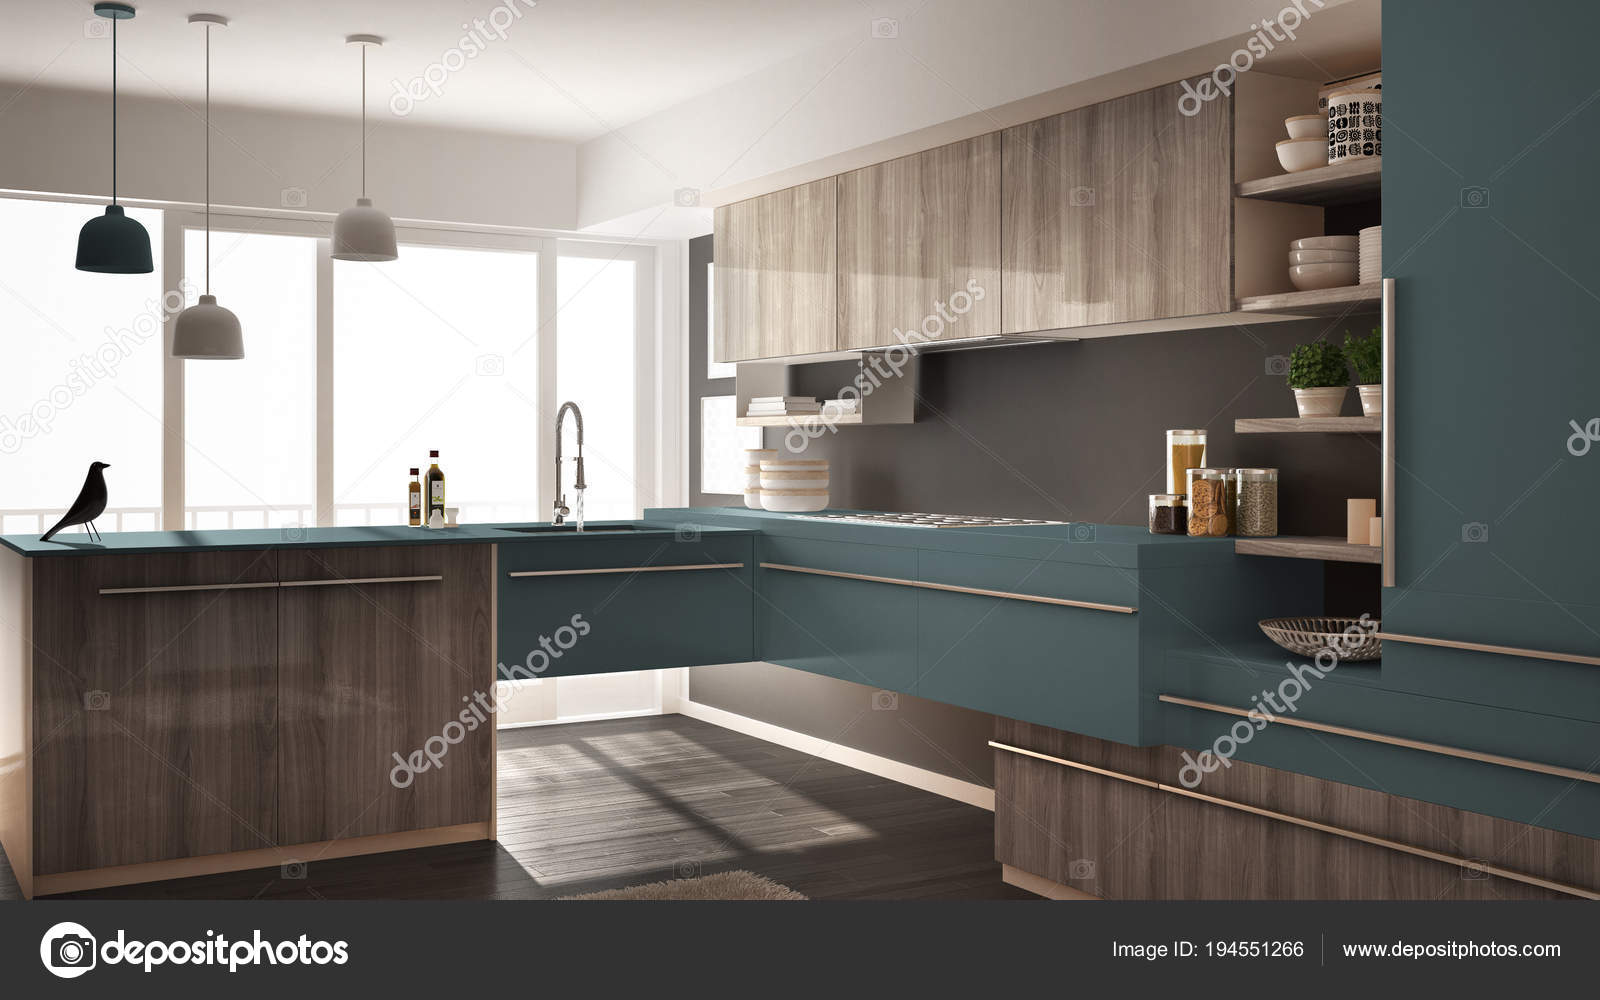 grey kitchen rugs paula deen 现代简约木制厨房与镶木地板 地毯和全景窗口 灰色和蓝色建筑学室内设计 灰色